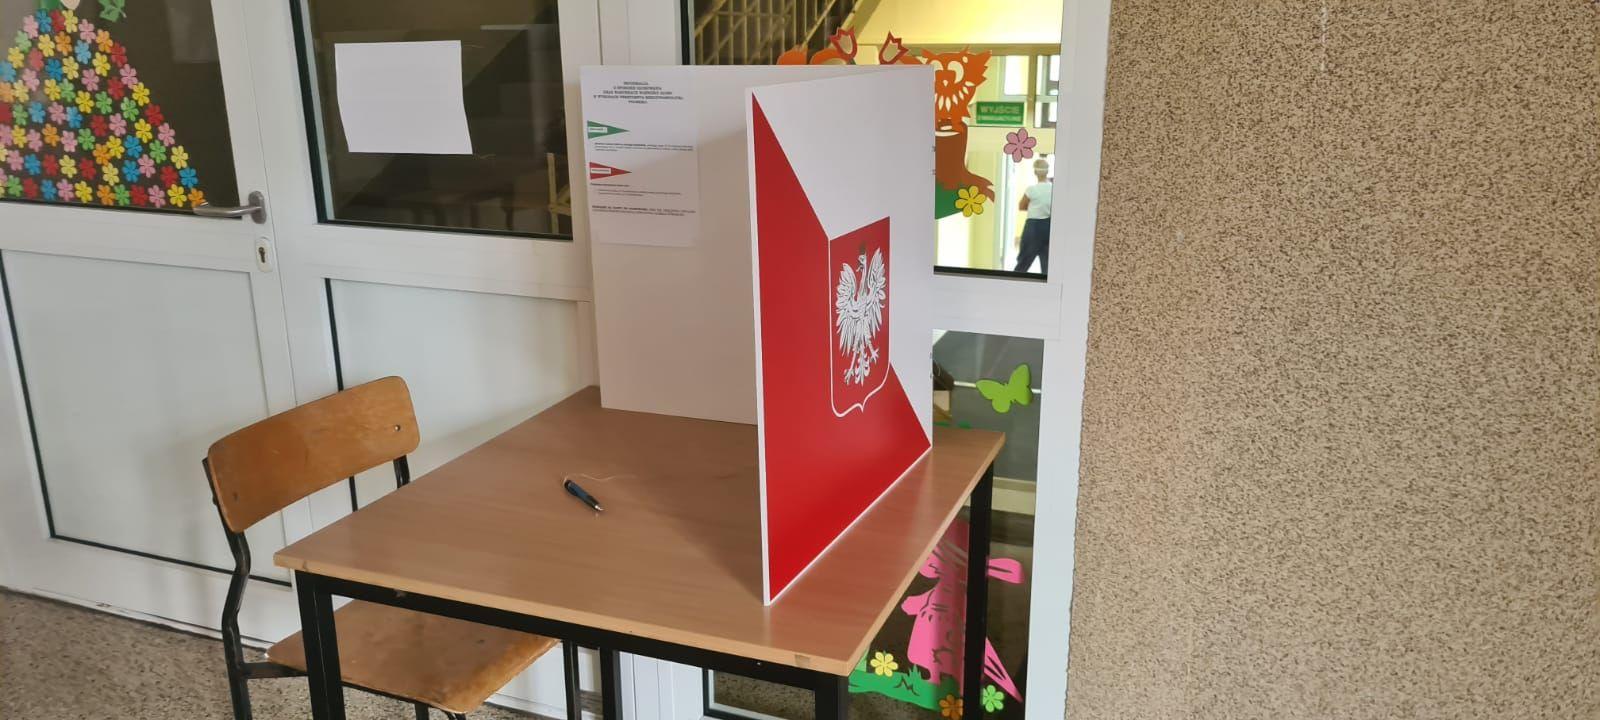 W Bielsku-Białej Trzaskowski dogonił Dudę